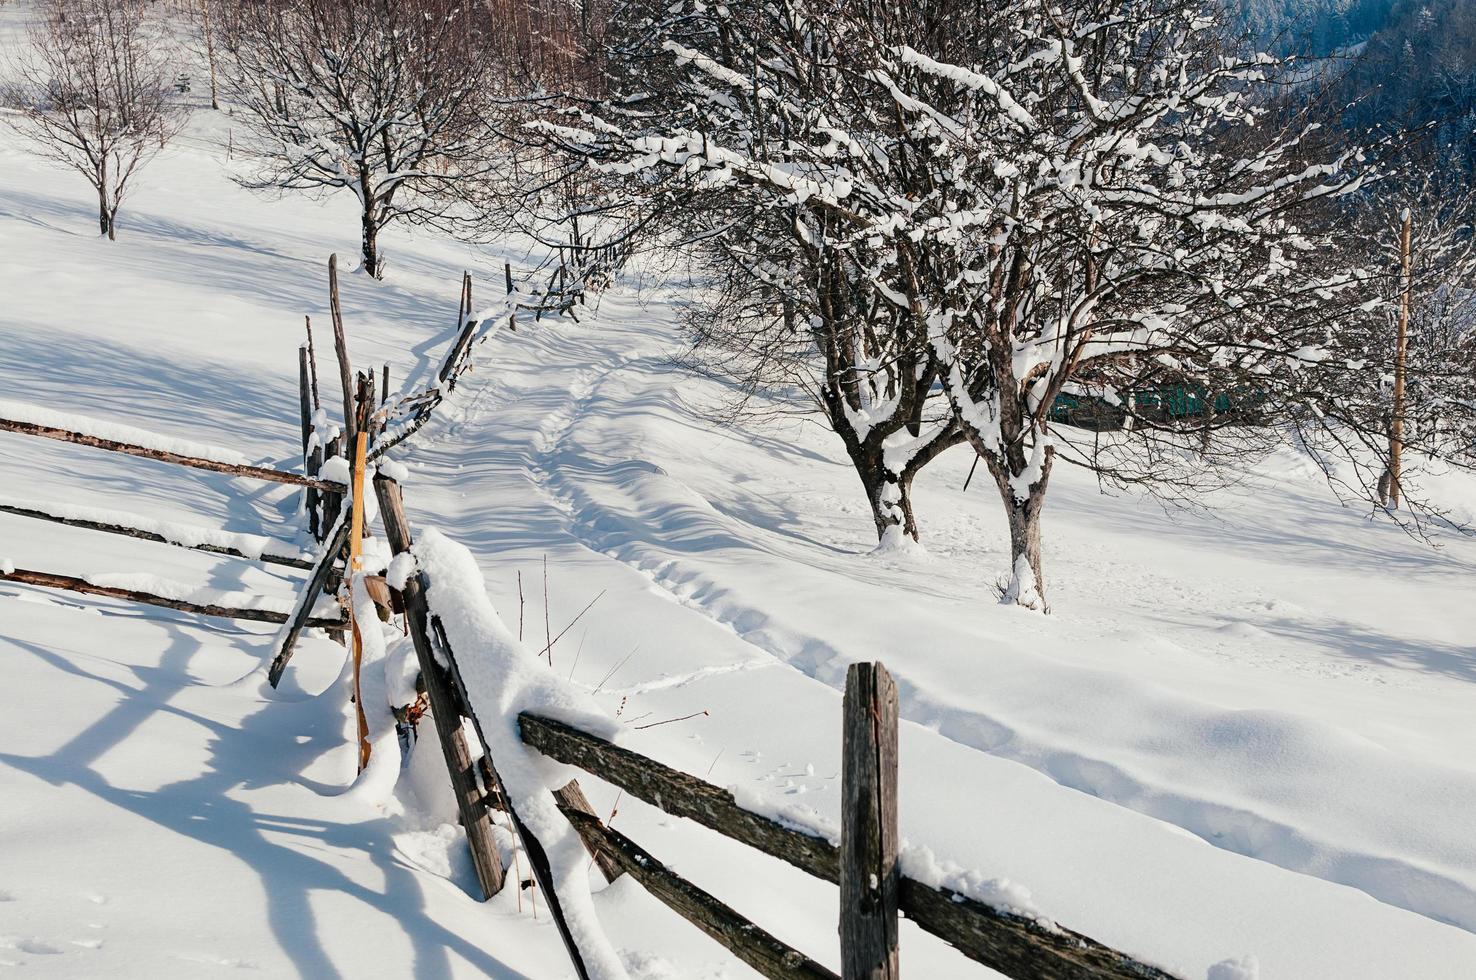 snötäckt staket landsbygd vintersoligt landskap foto